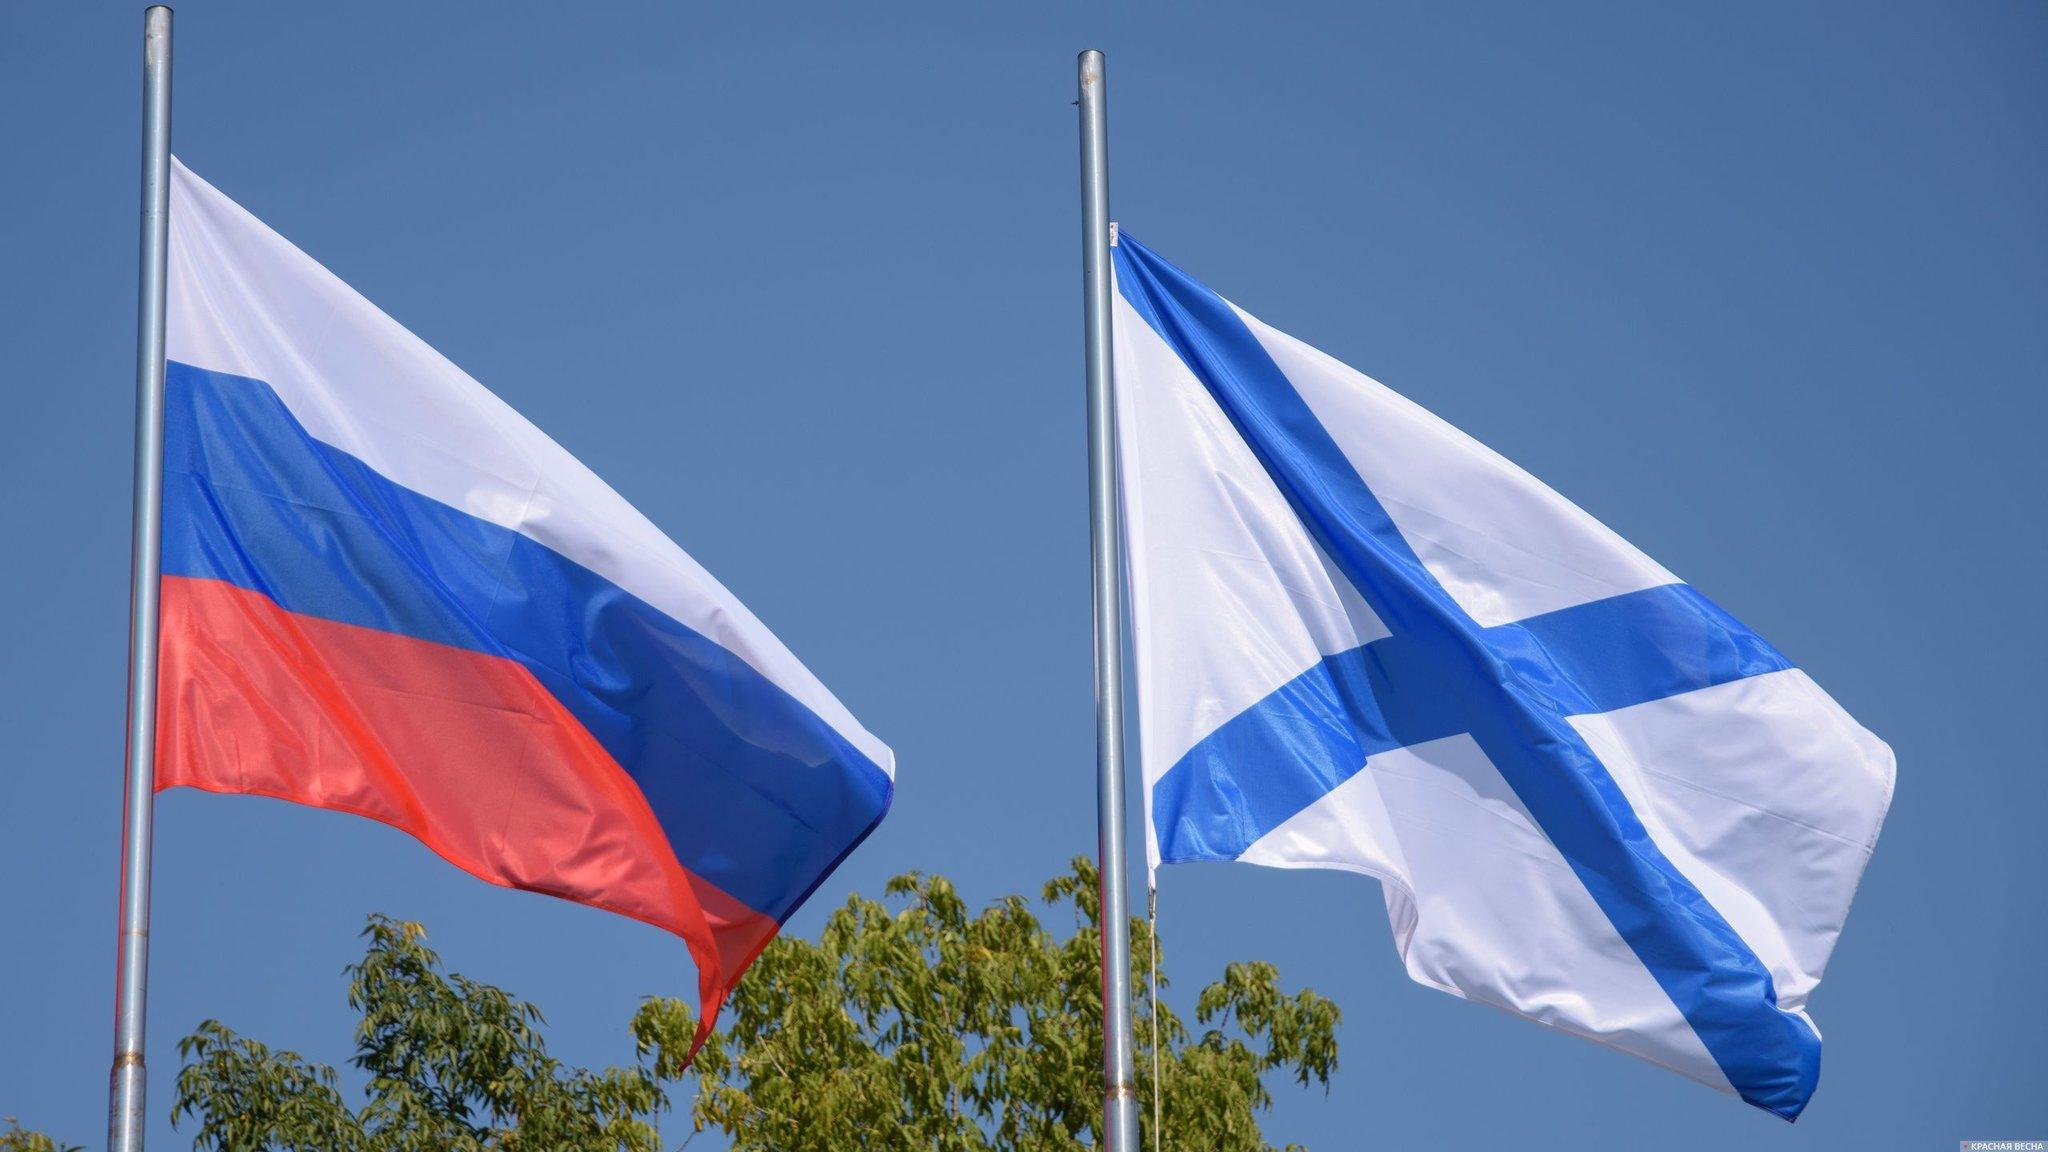 Государственный и военно-морской флаги России.